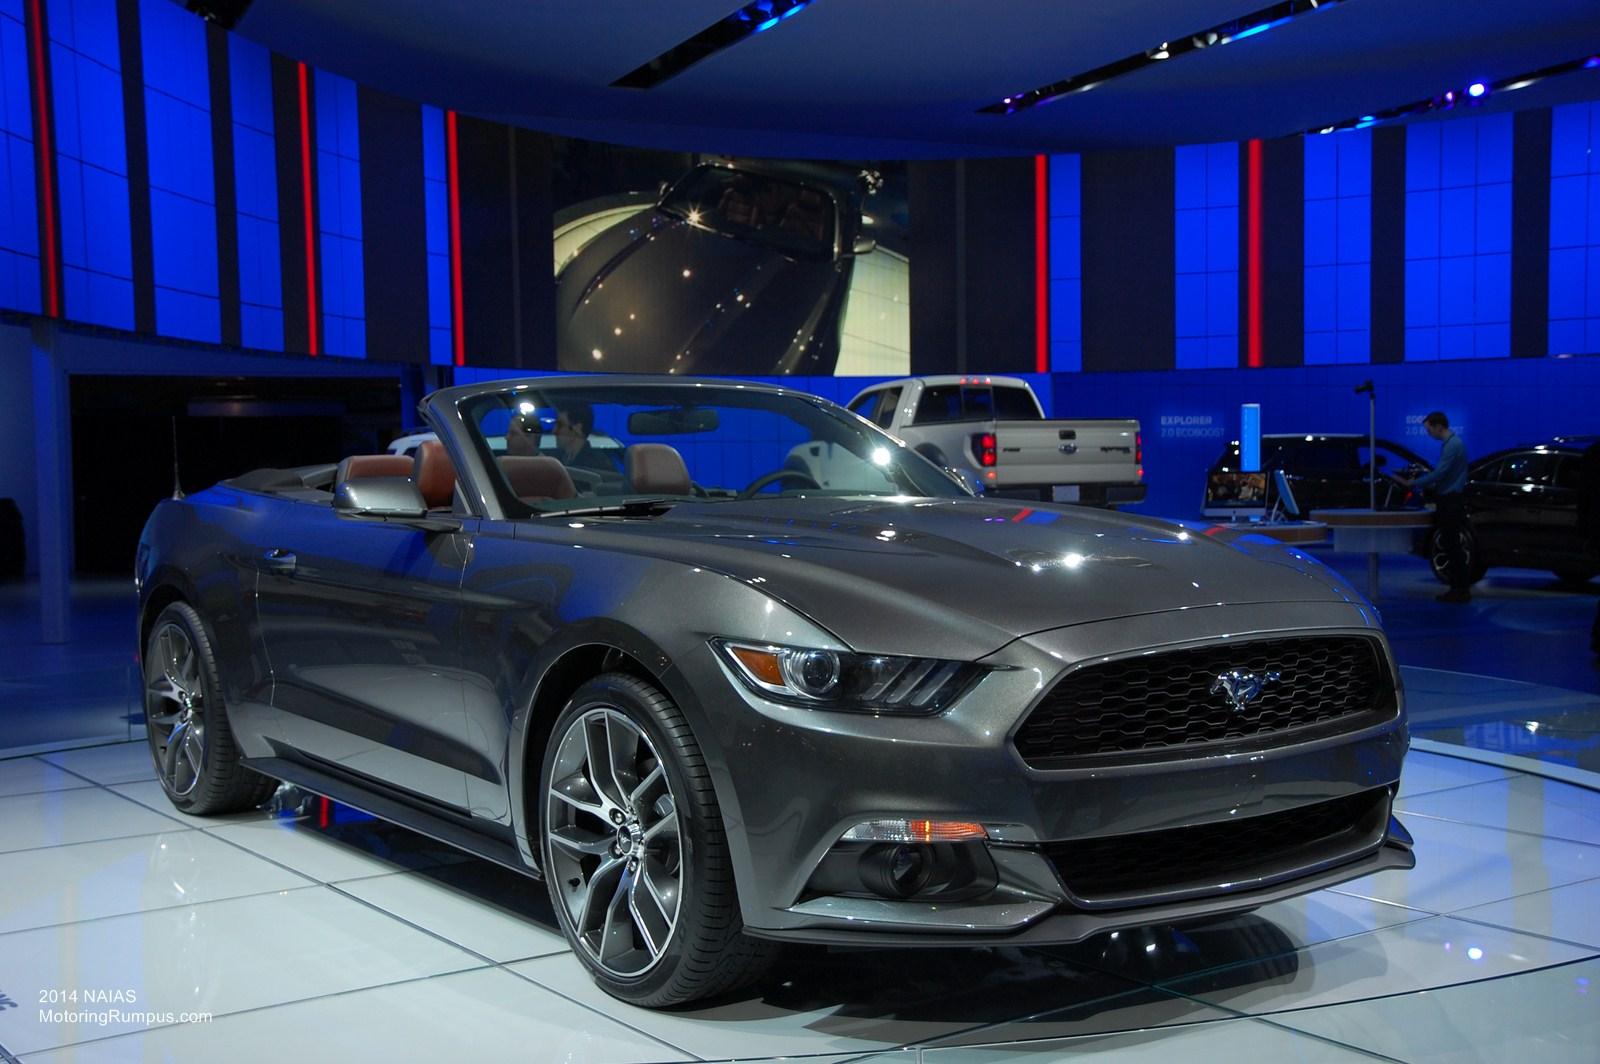 2014 NAIAS Ford 2015 Mustang Convertible